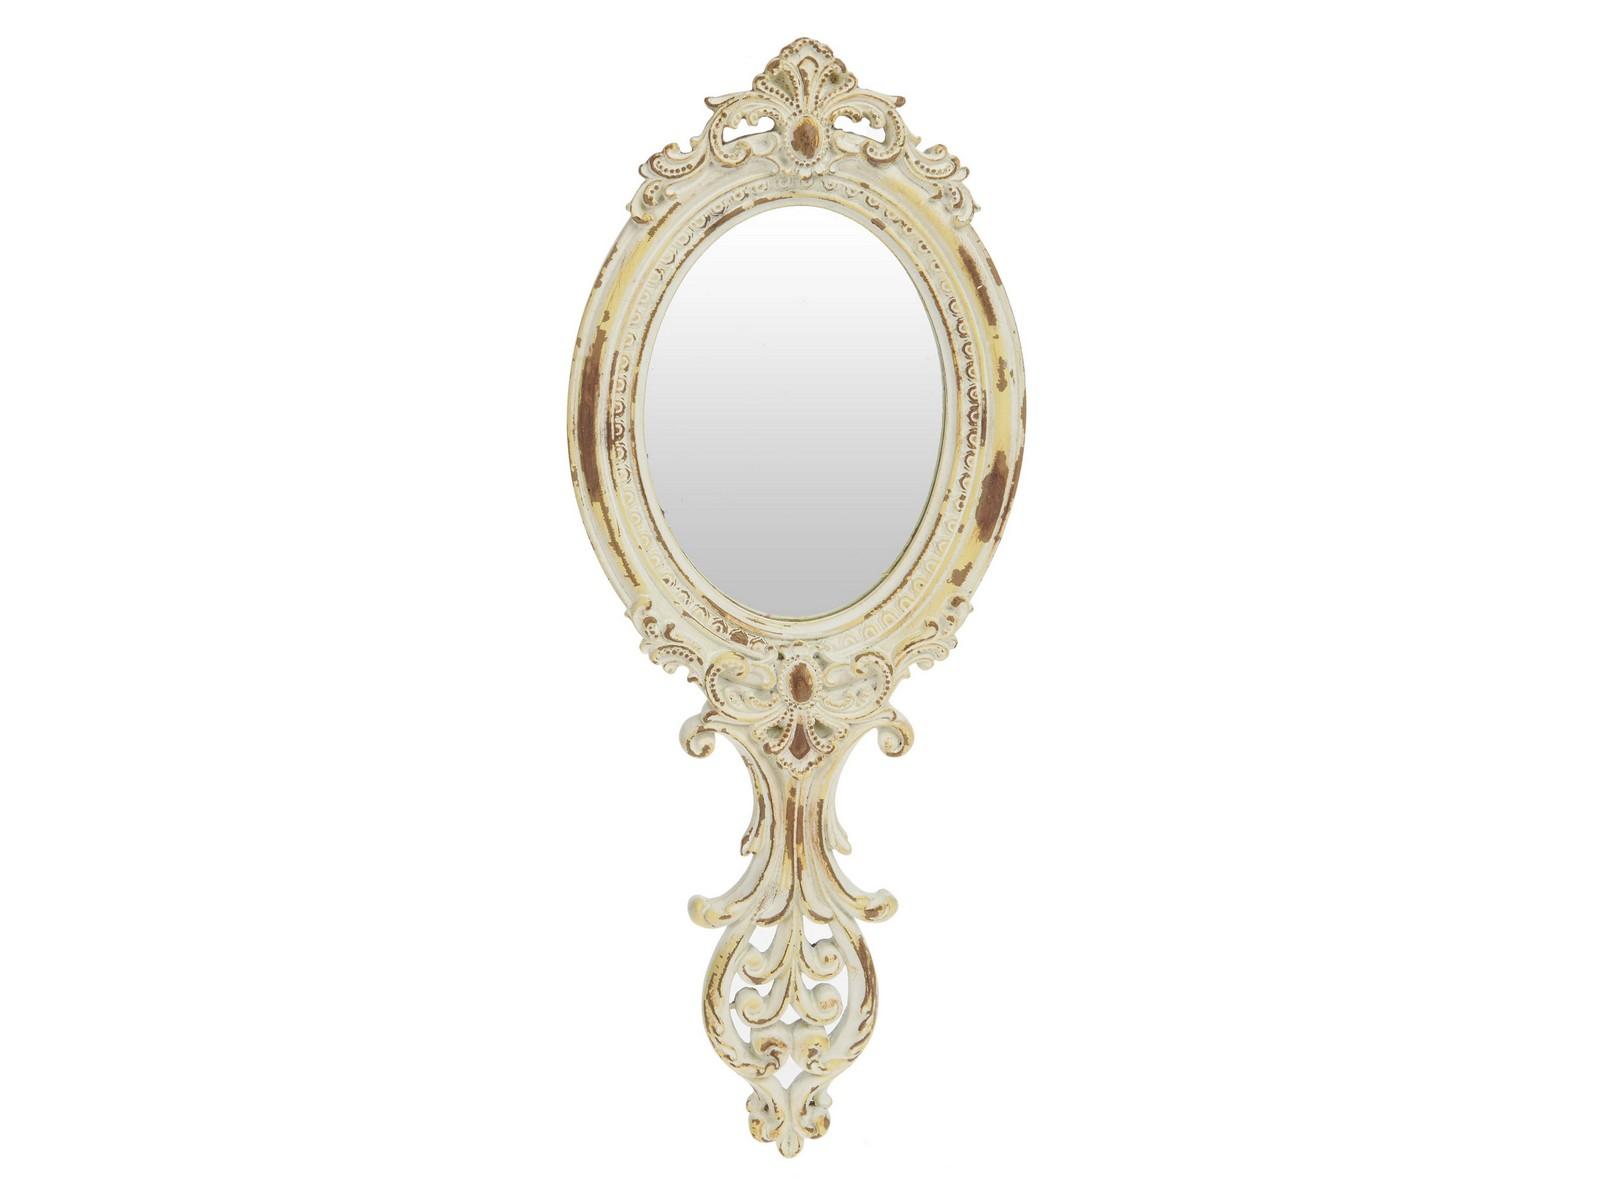 Зеркало Dreaming HeartНастенные зеркала<br><br><br>Material: Полистоун<br>Width см: 12<br>Depth см: 2<br>Height см: 30